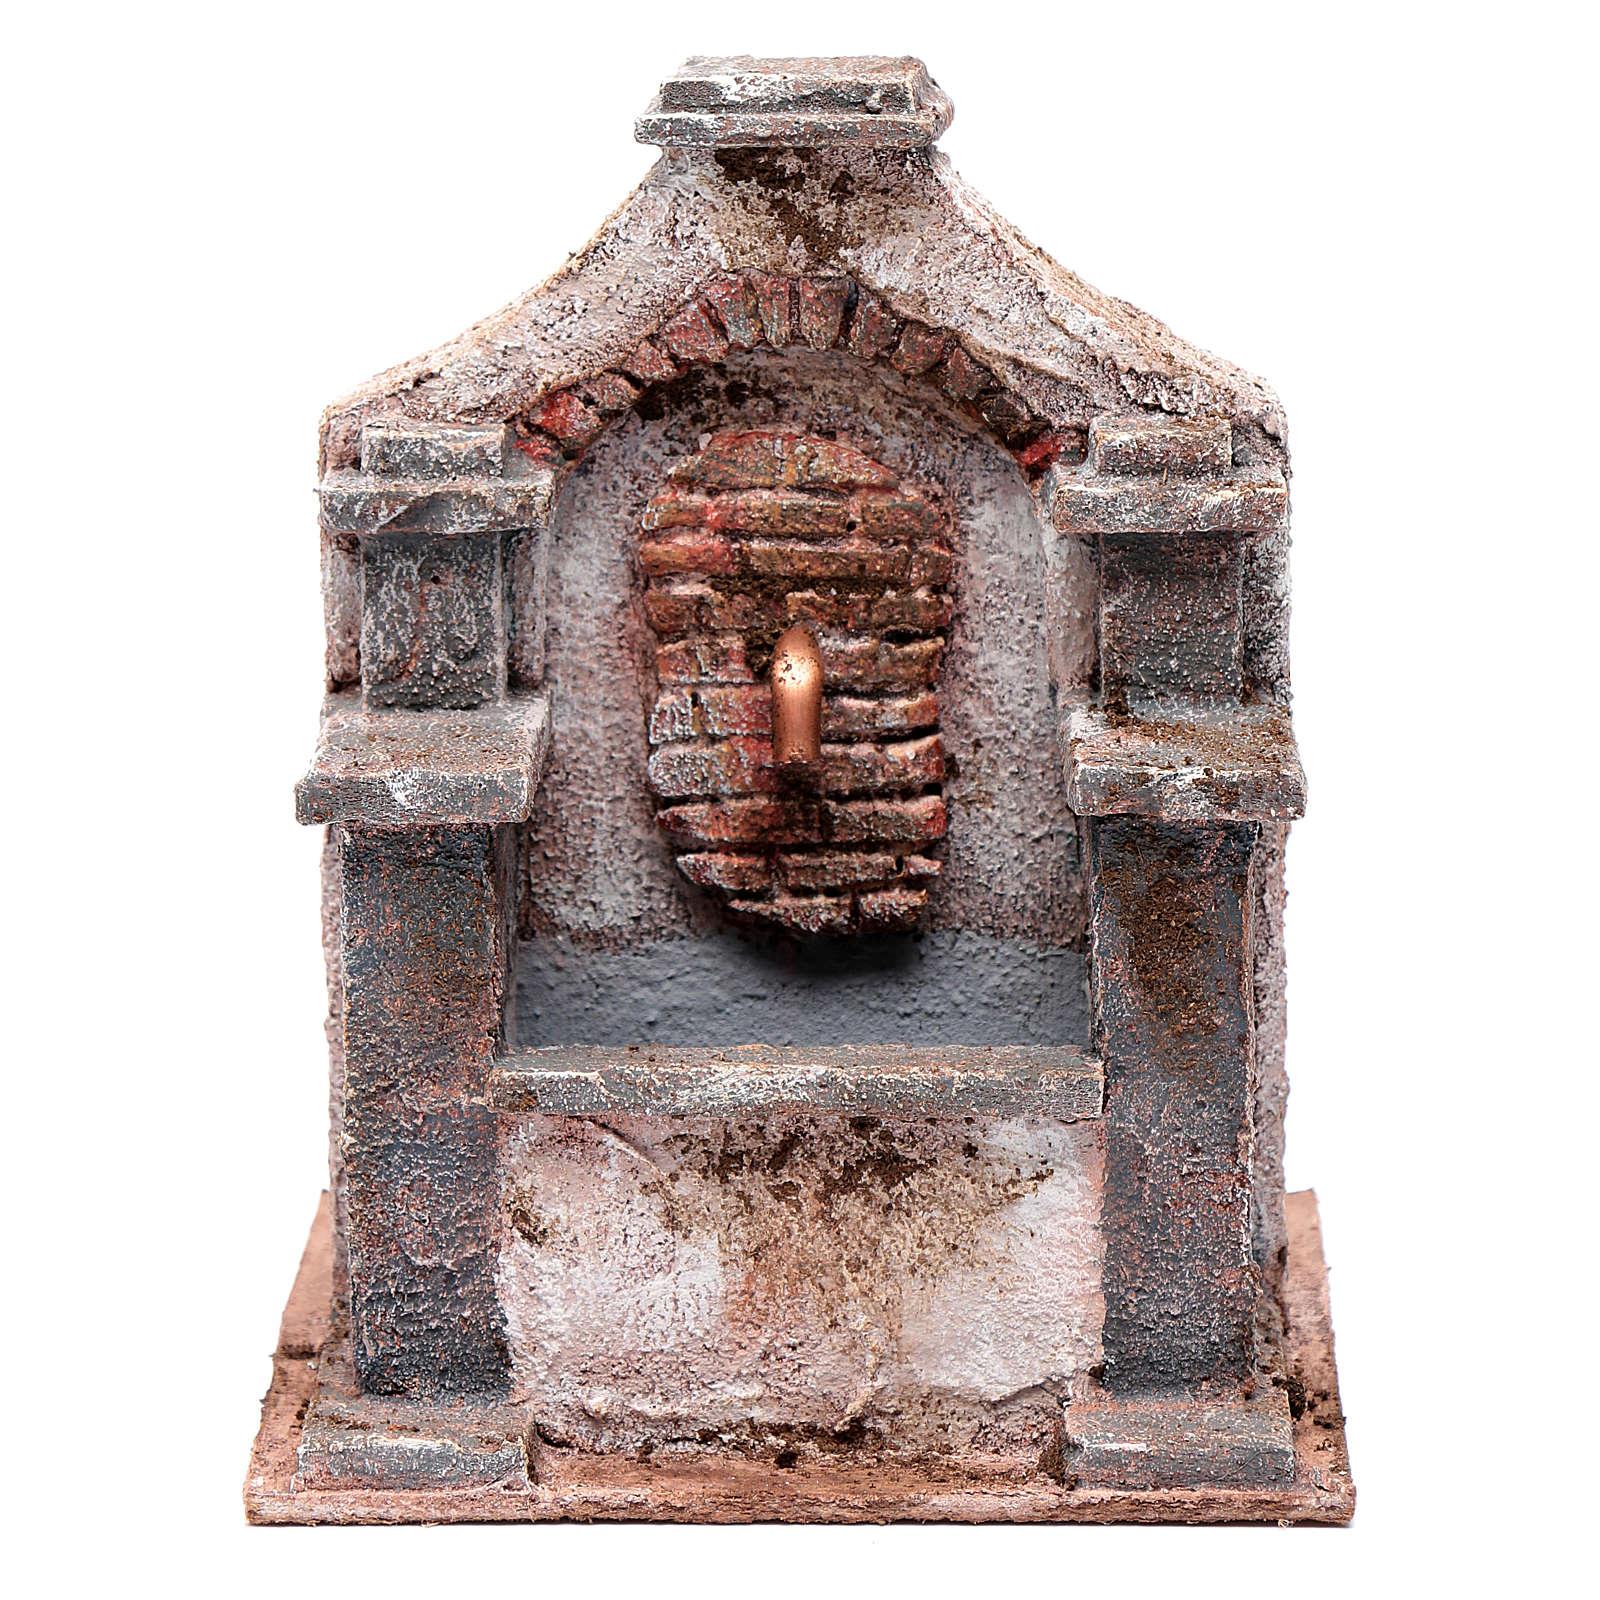 Fontana in polistirene per presepe 20x15x15 cm 4